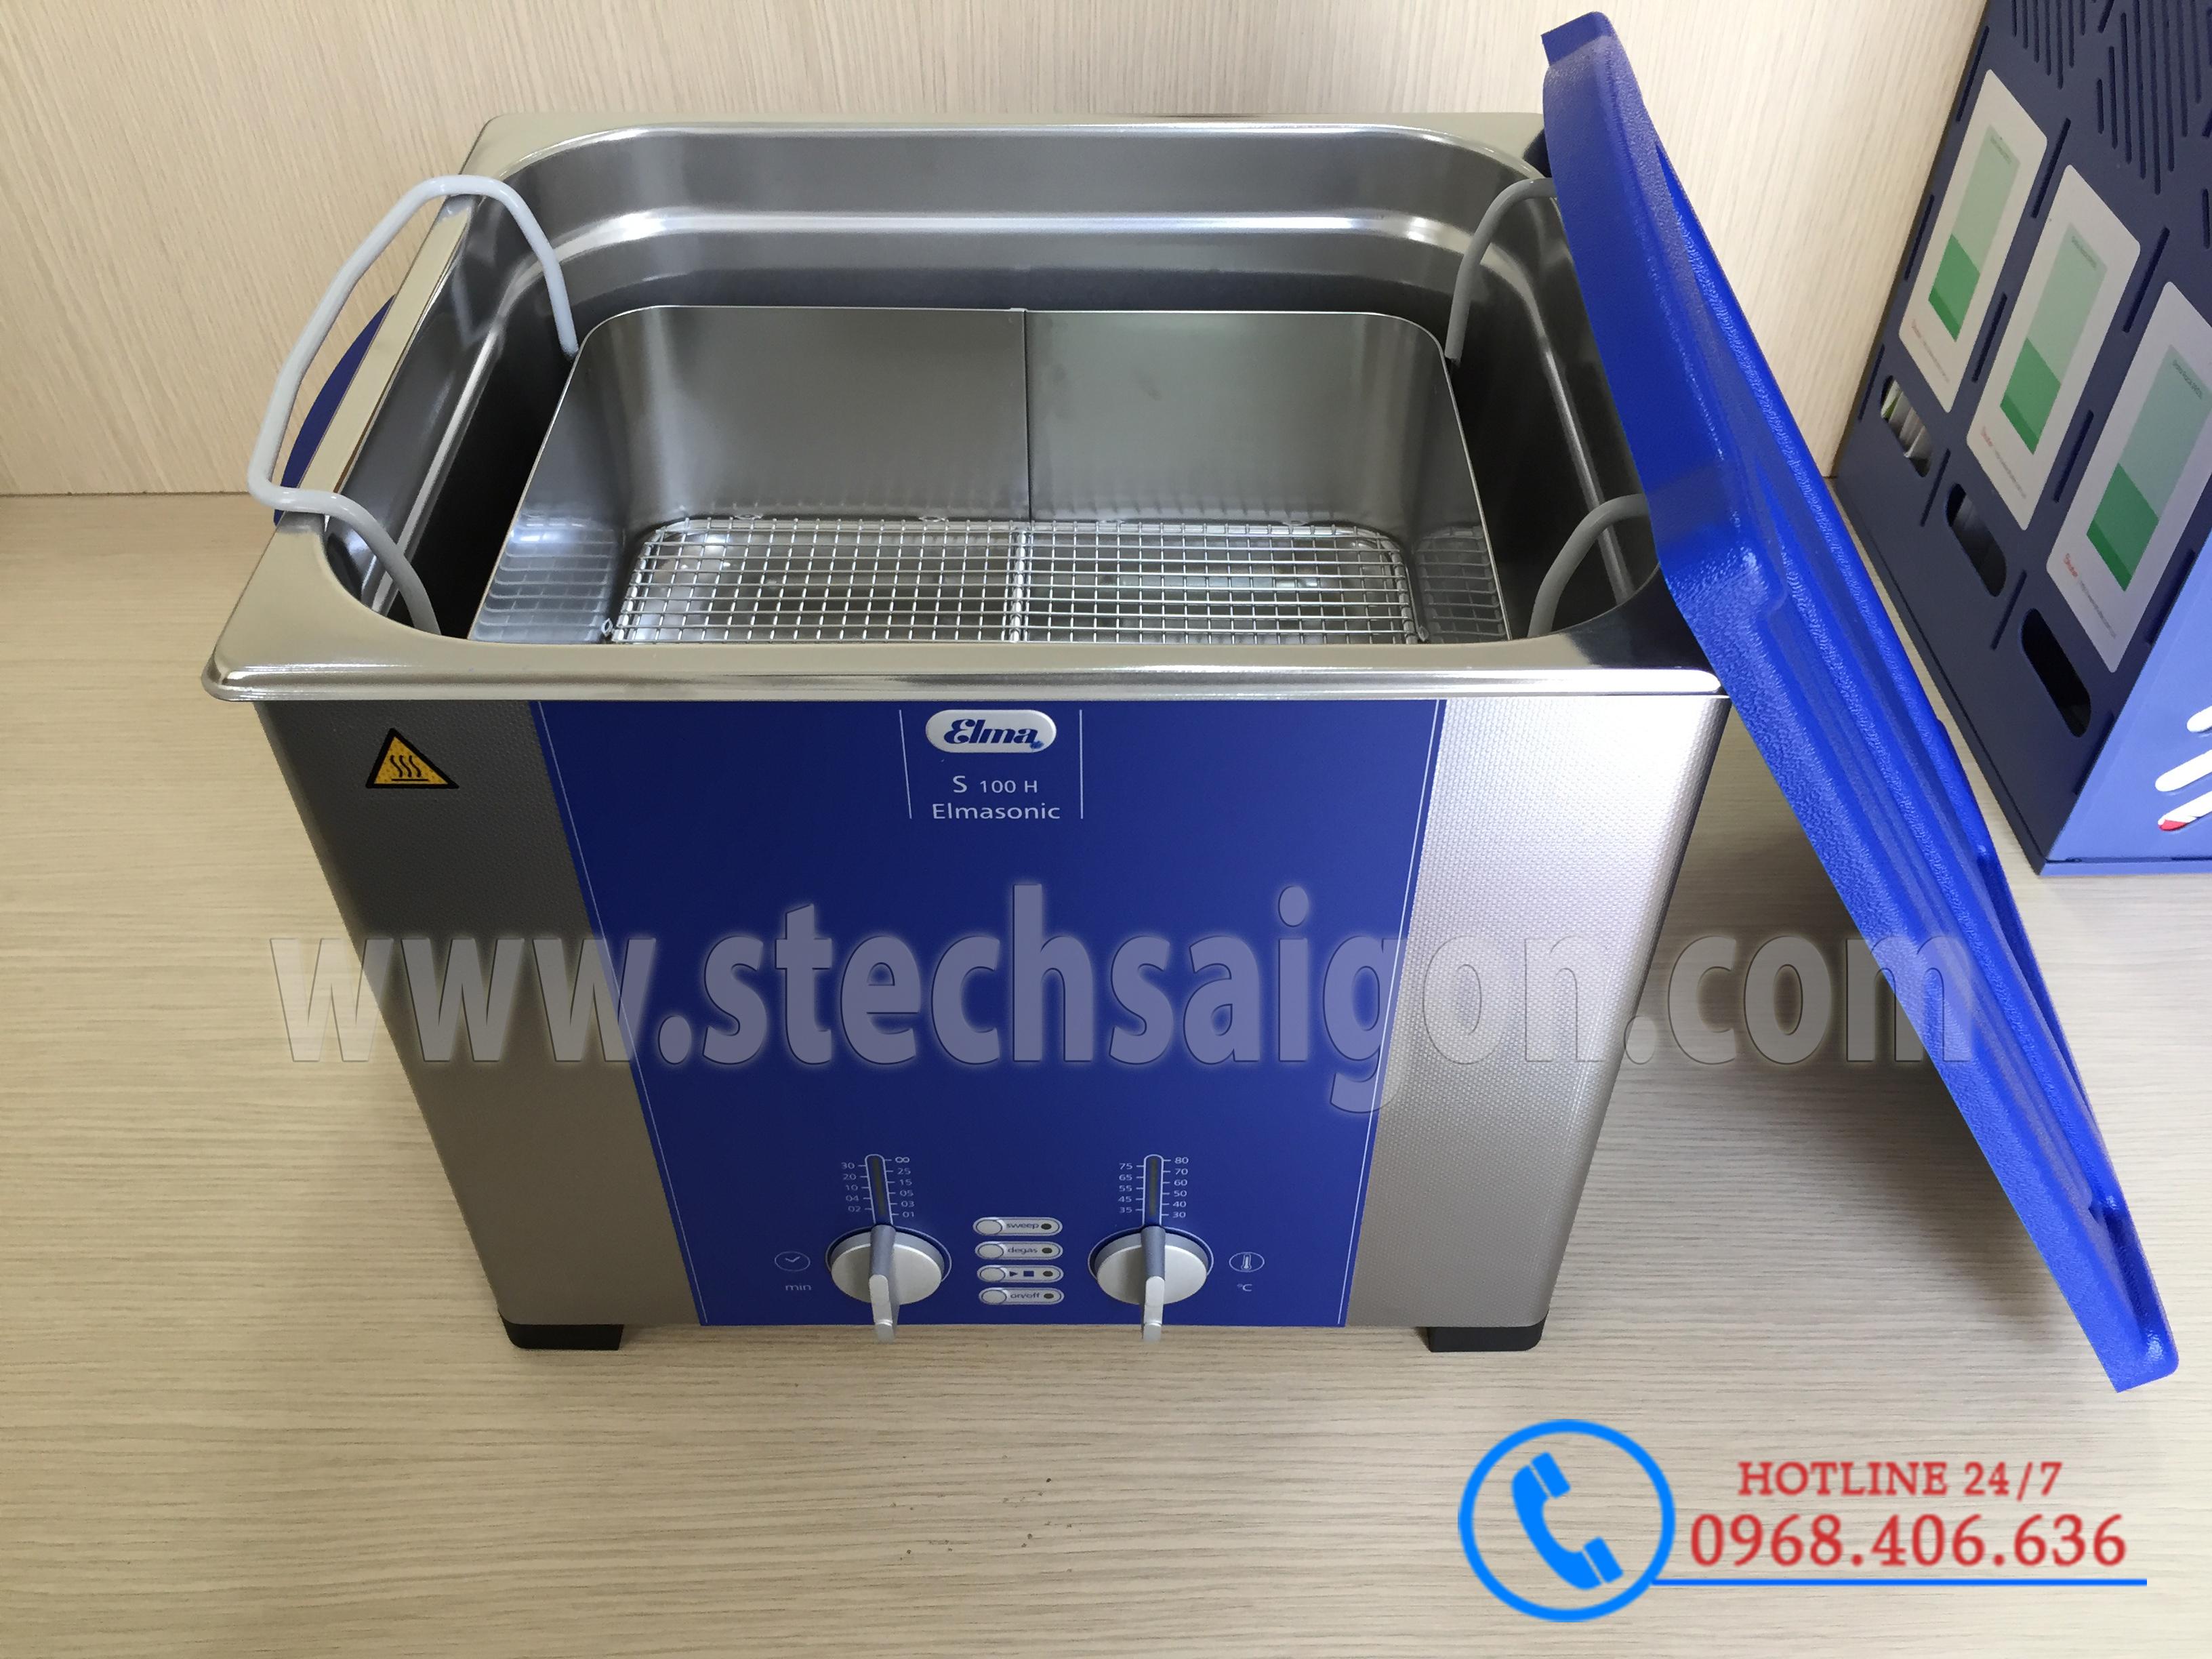 Hình ảnh Bể rửa siêu âm Elma™ S100H - 9.5 lít sản phẩm có sẵn tại Stech Sài Gòn